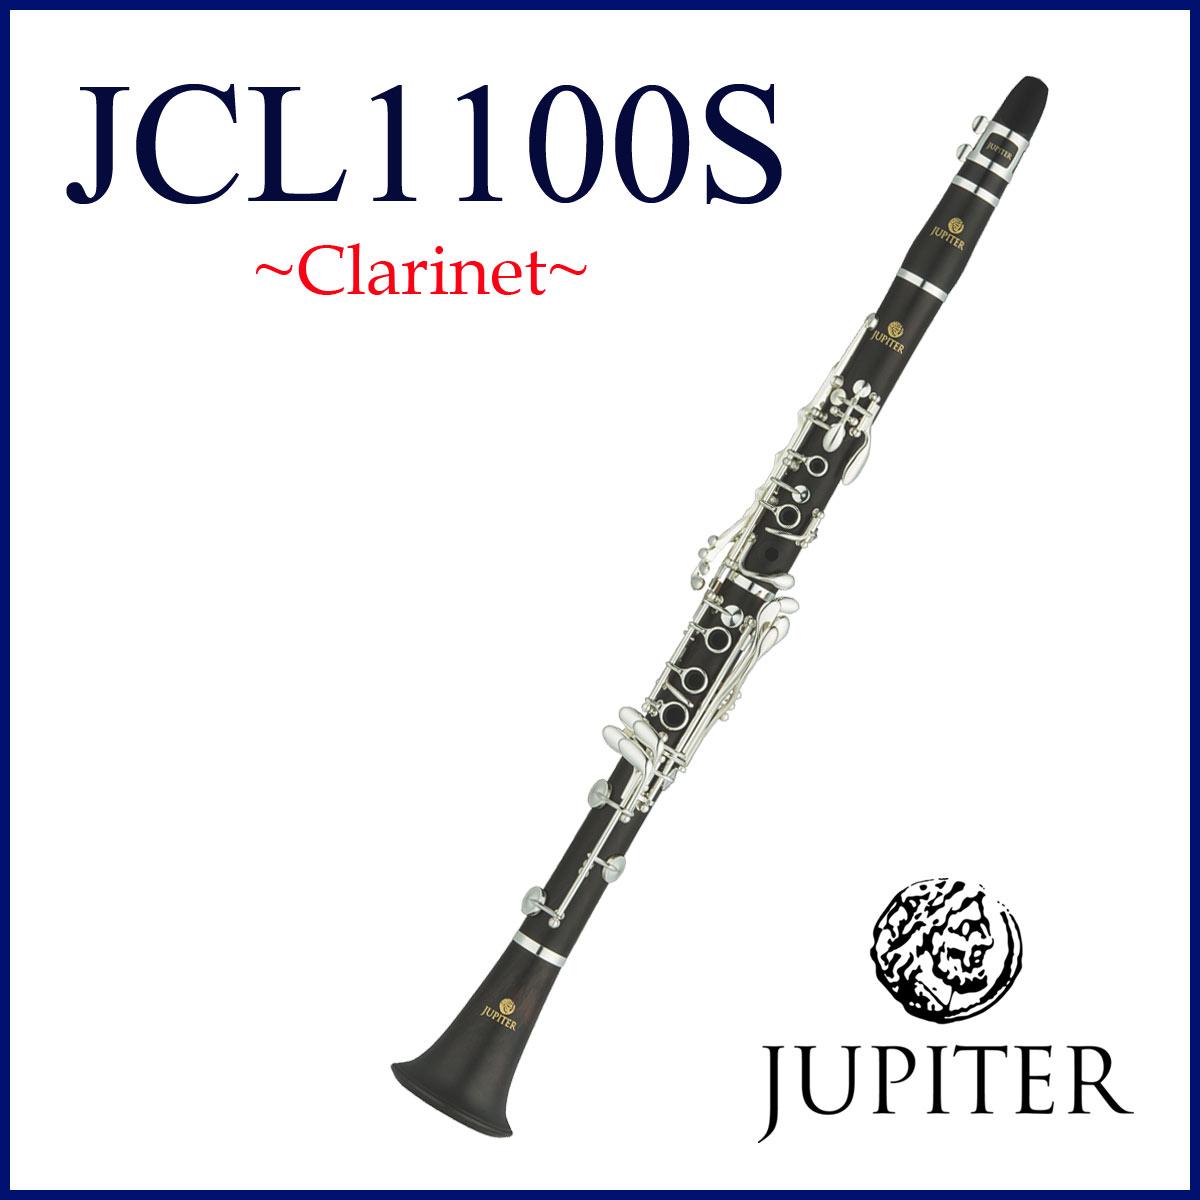 JUPITER / JCL-1100S ジュピター B♭ Clarinet クラリネット プロシリーズ 木製管体 銀メッキ 《お取り寄せ》